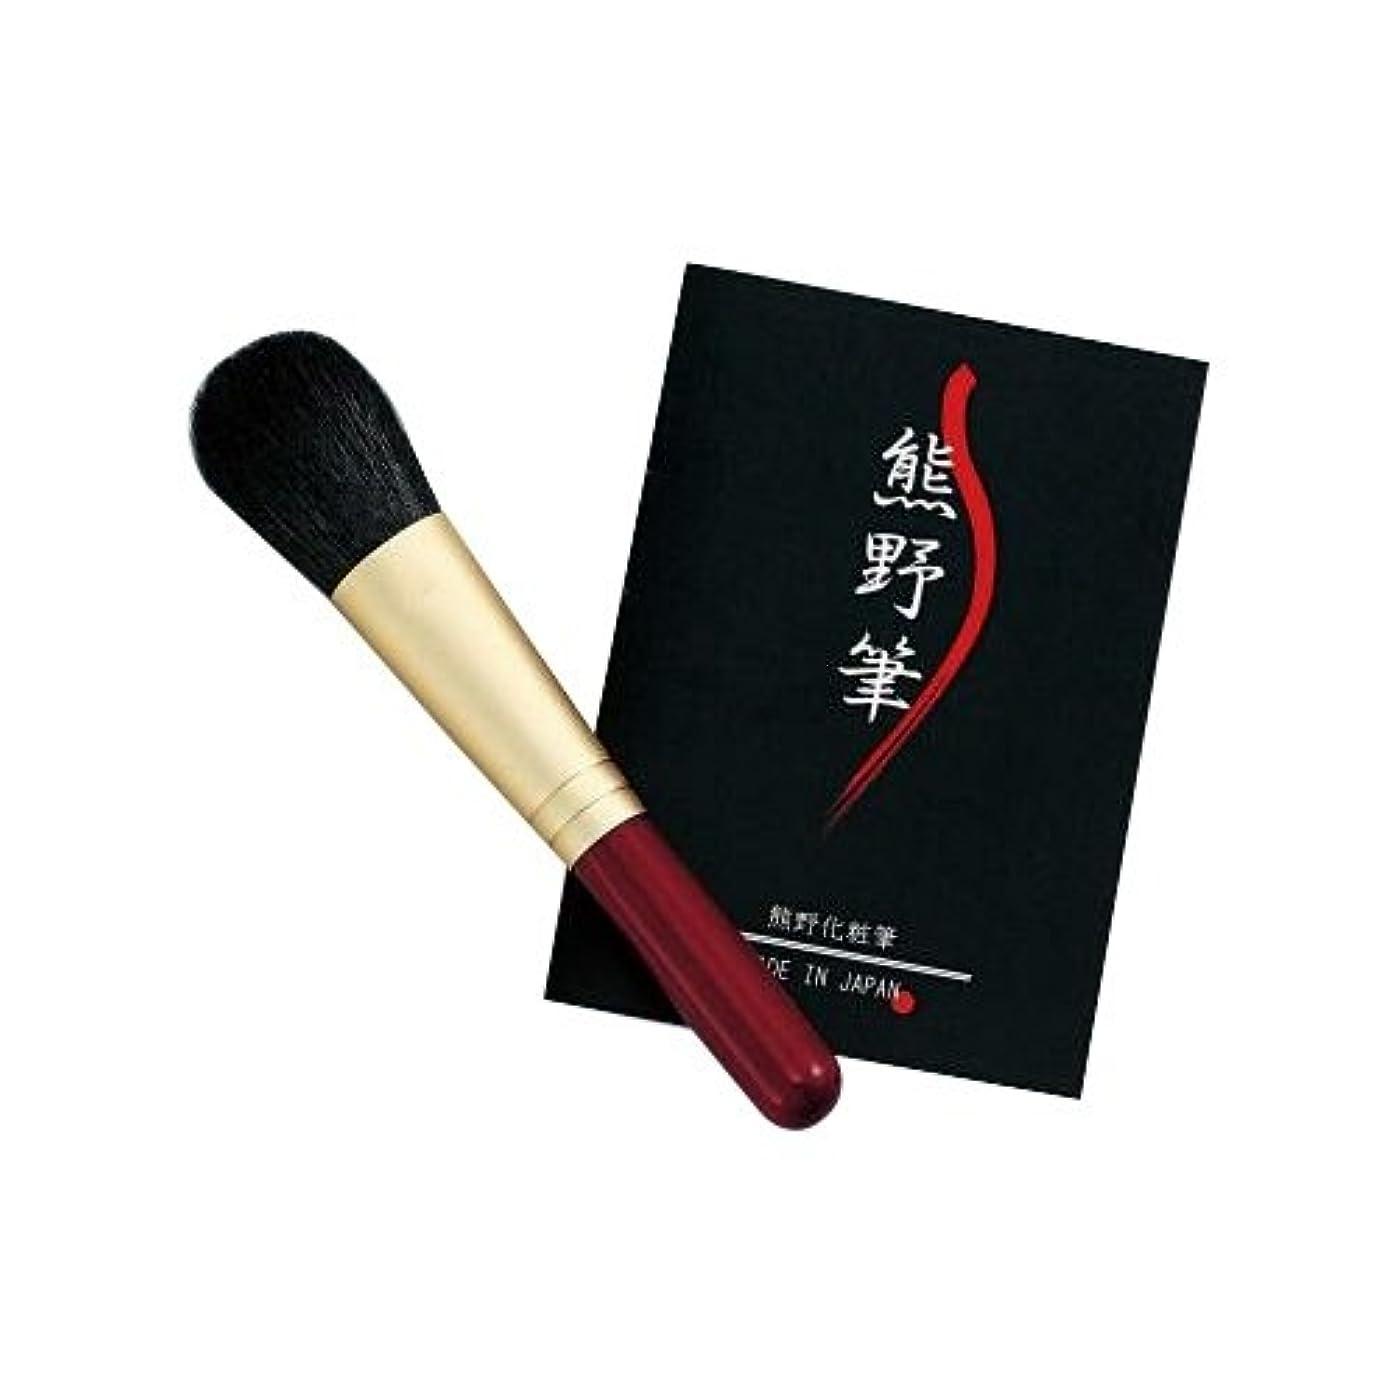 解く満足の中でゼニス 熊野化粧筆 筆の心 チークブラシ(ショート)